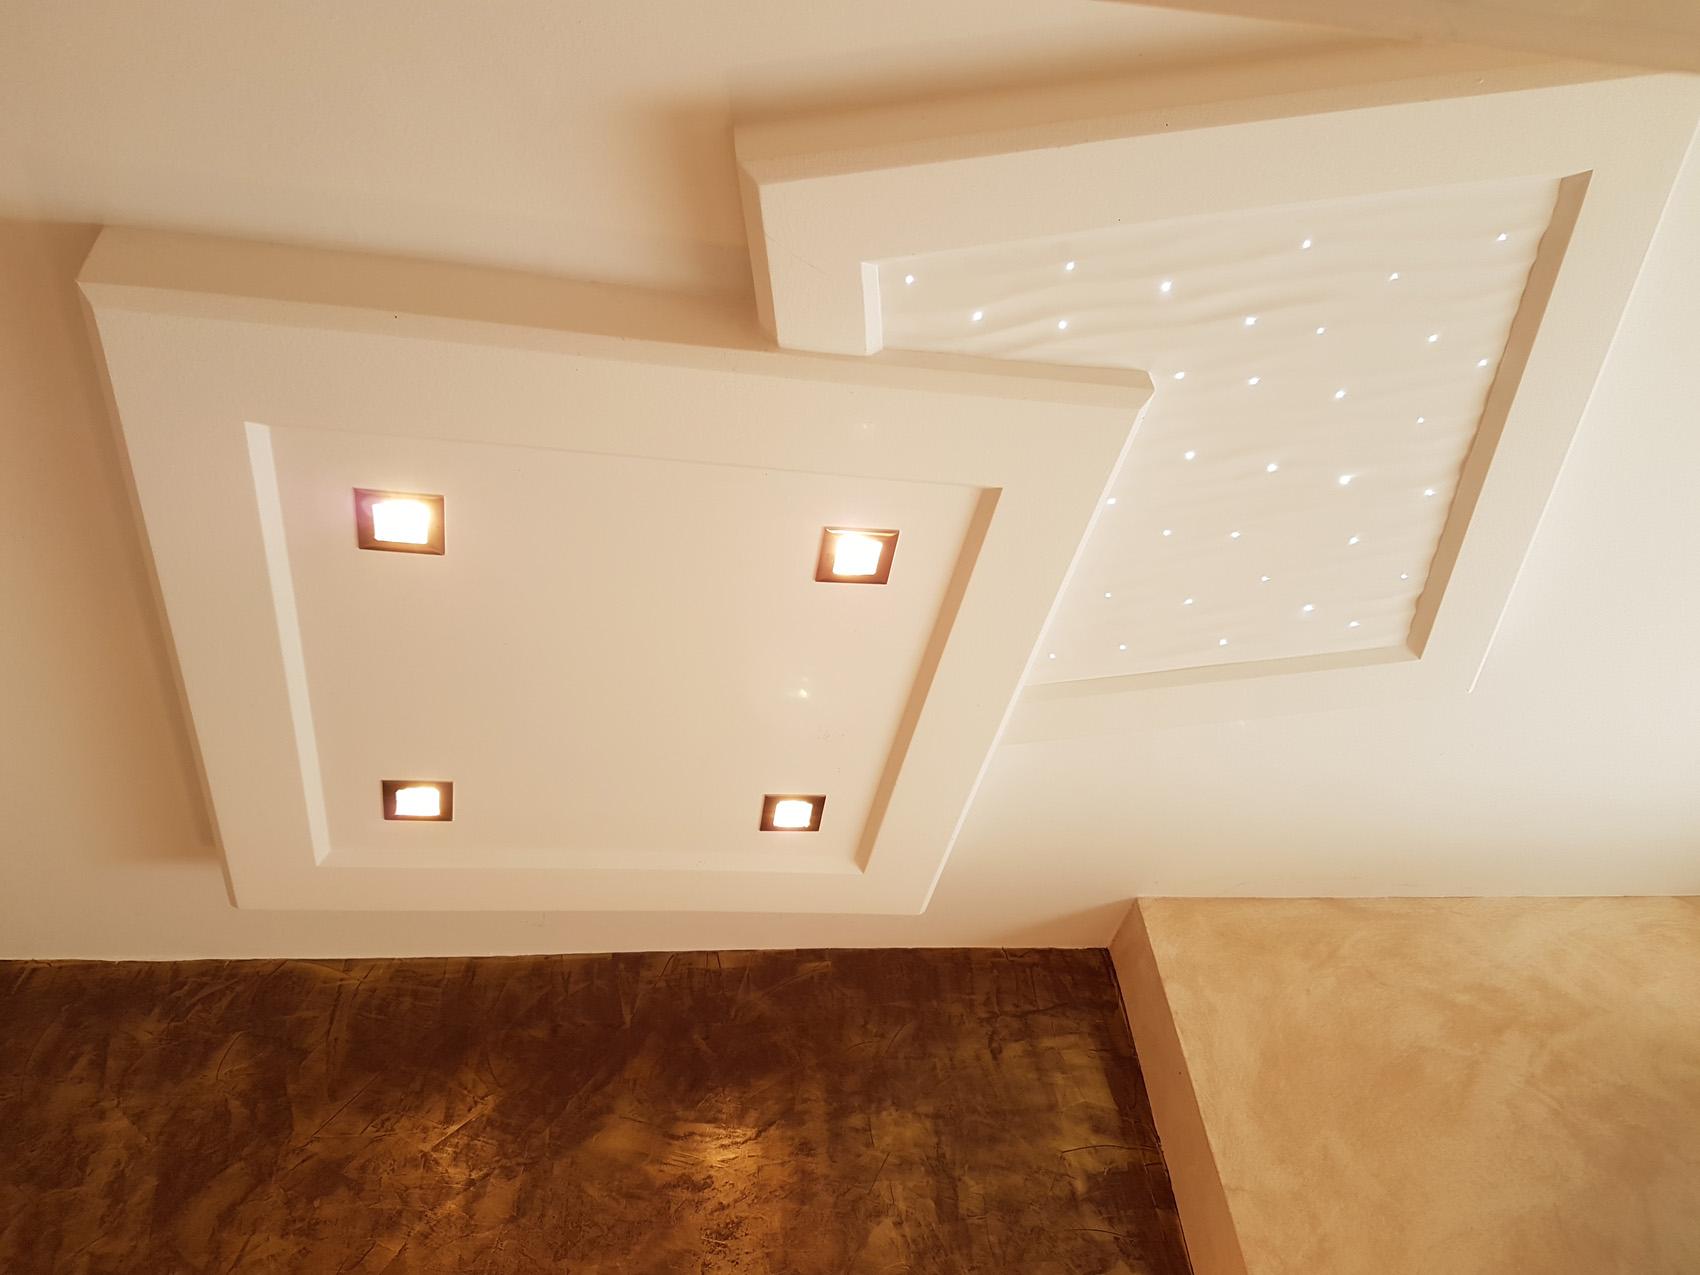 Plafond lumineux - La Flocellière